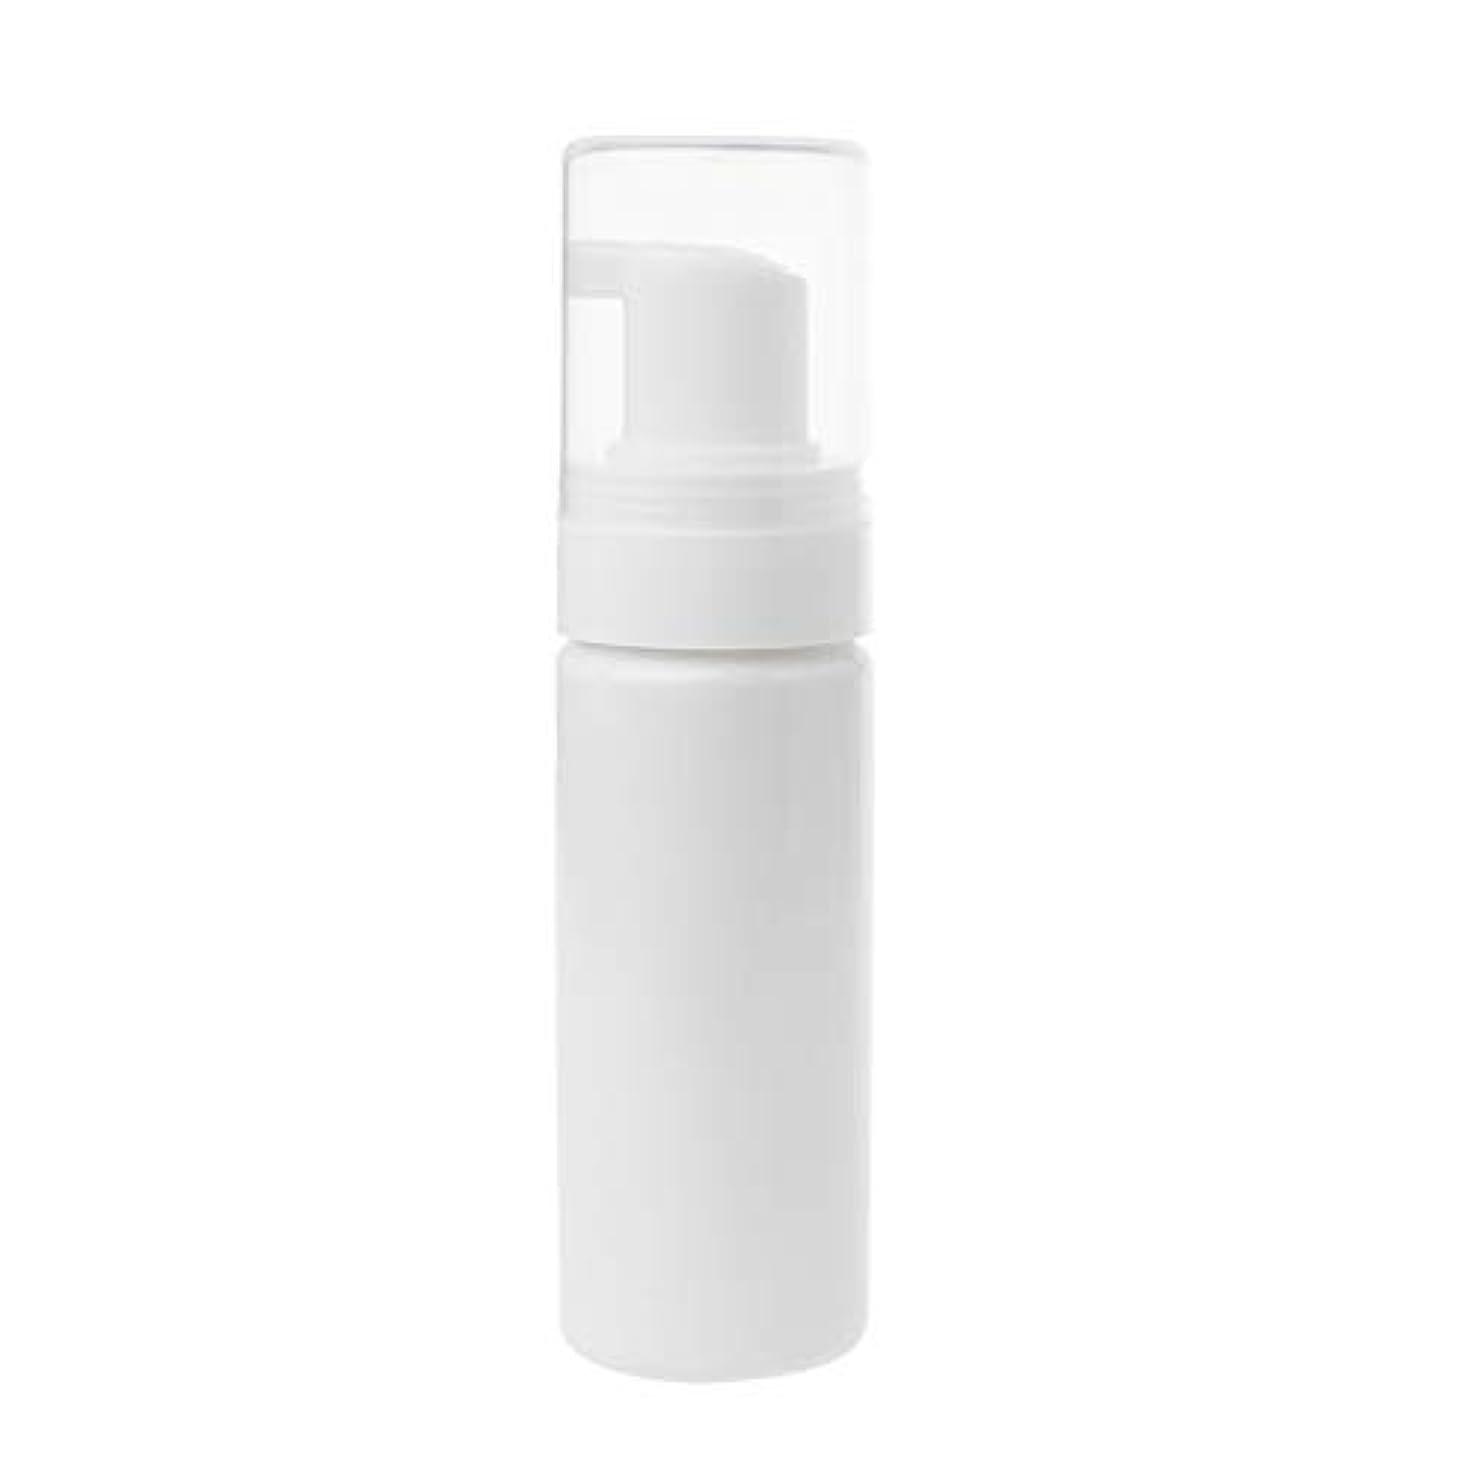 並外れてに対処するトランクライブラリTOOGOO 1個50ml キャップ付き発泡ボトル泡ポンプせっけんムース液体ディスペンサー泡ボトルプラスチックシャンプーローションボトル(ホワイト)